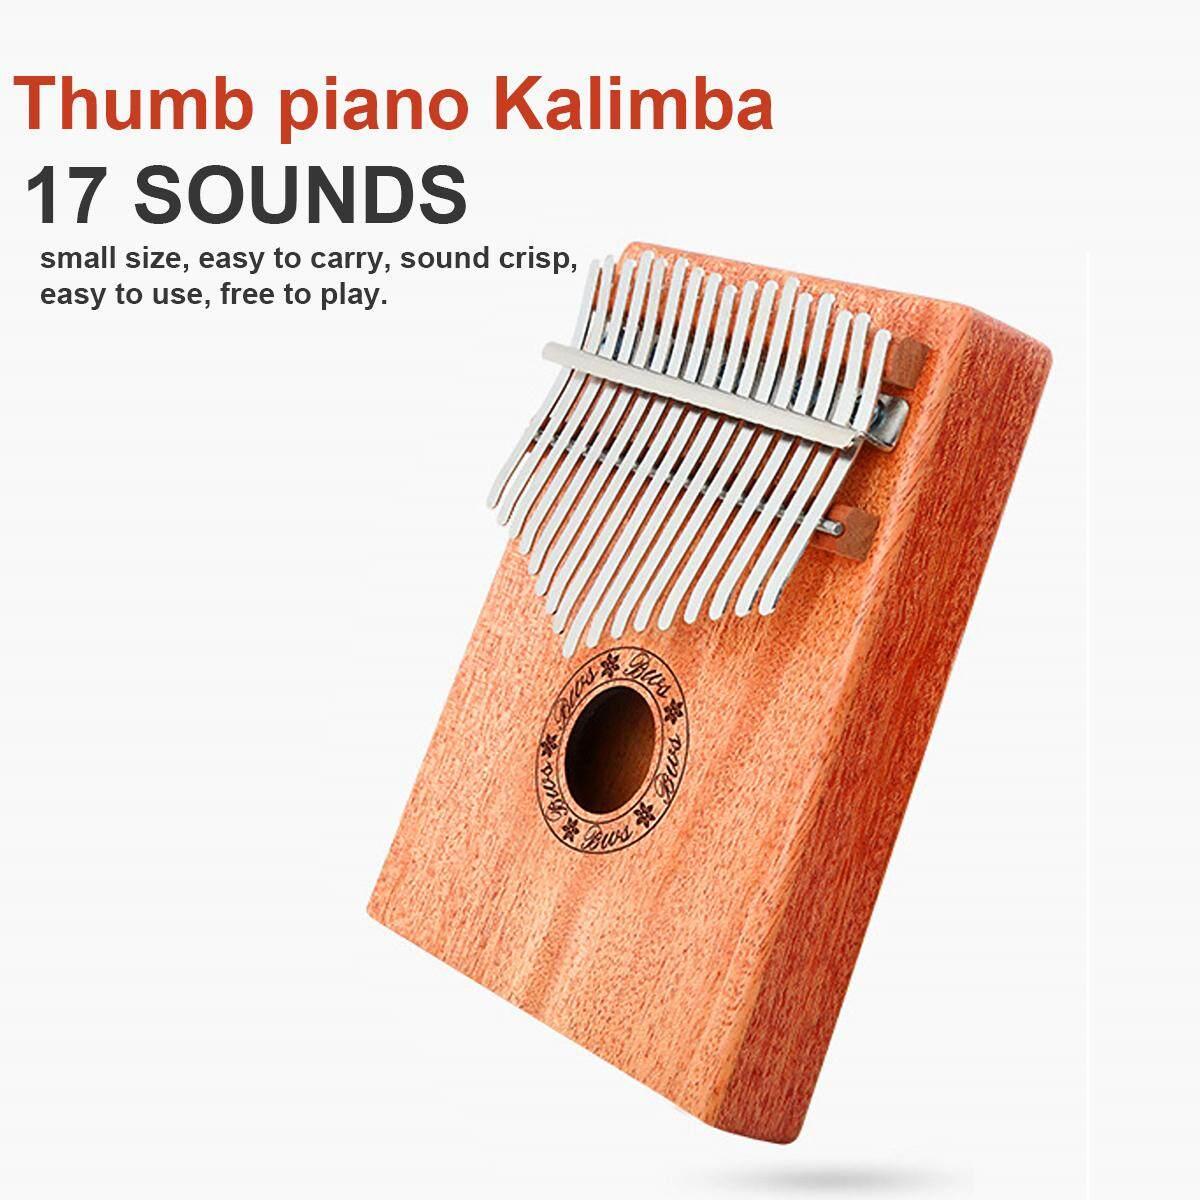 Piano ngón tay cái Đàn Kalimba 17 Âm Gỗ ngón tay Piano cho Người Mới Bắt Đầu Vào Âm Nhạc Di Động Dụng Cụ Kalimba ngón tay Piano